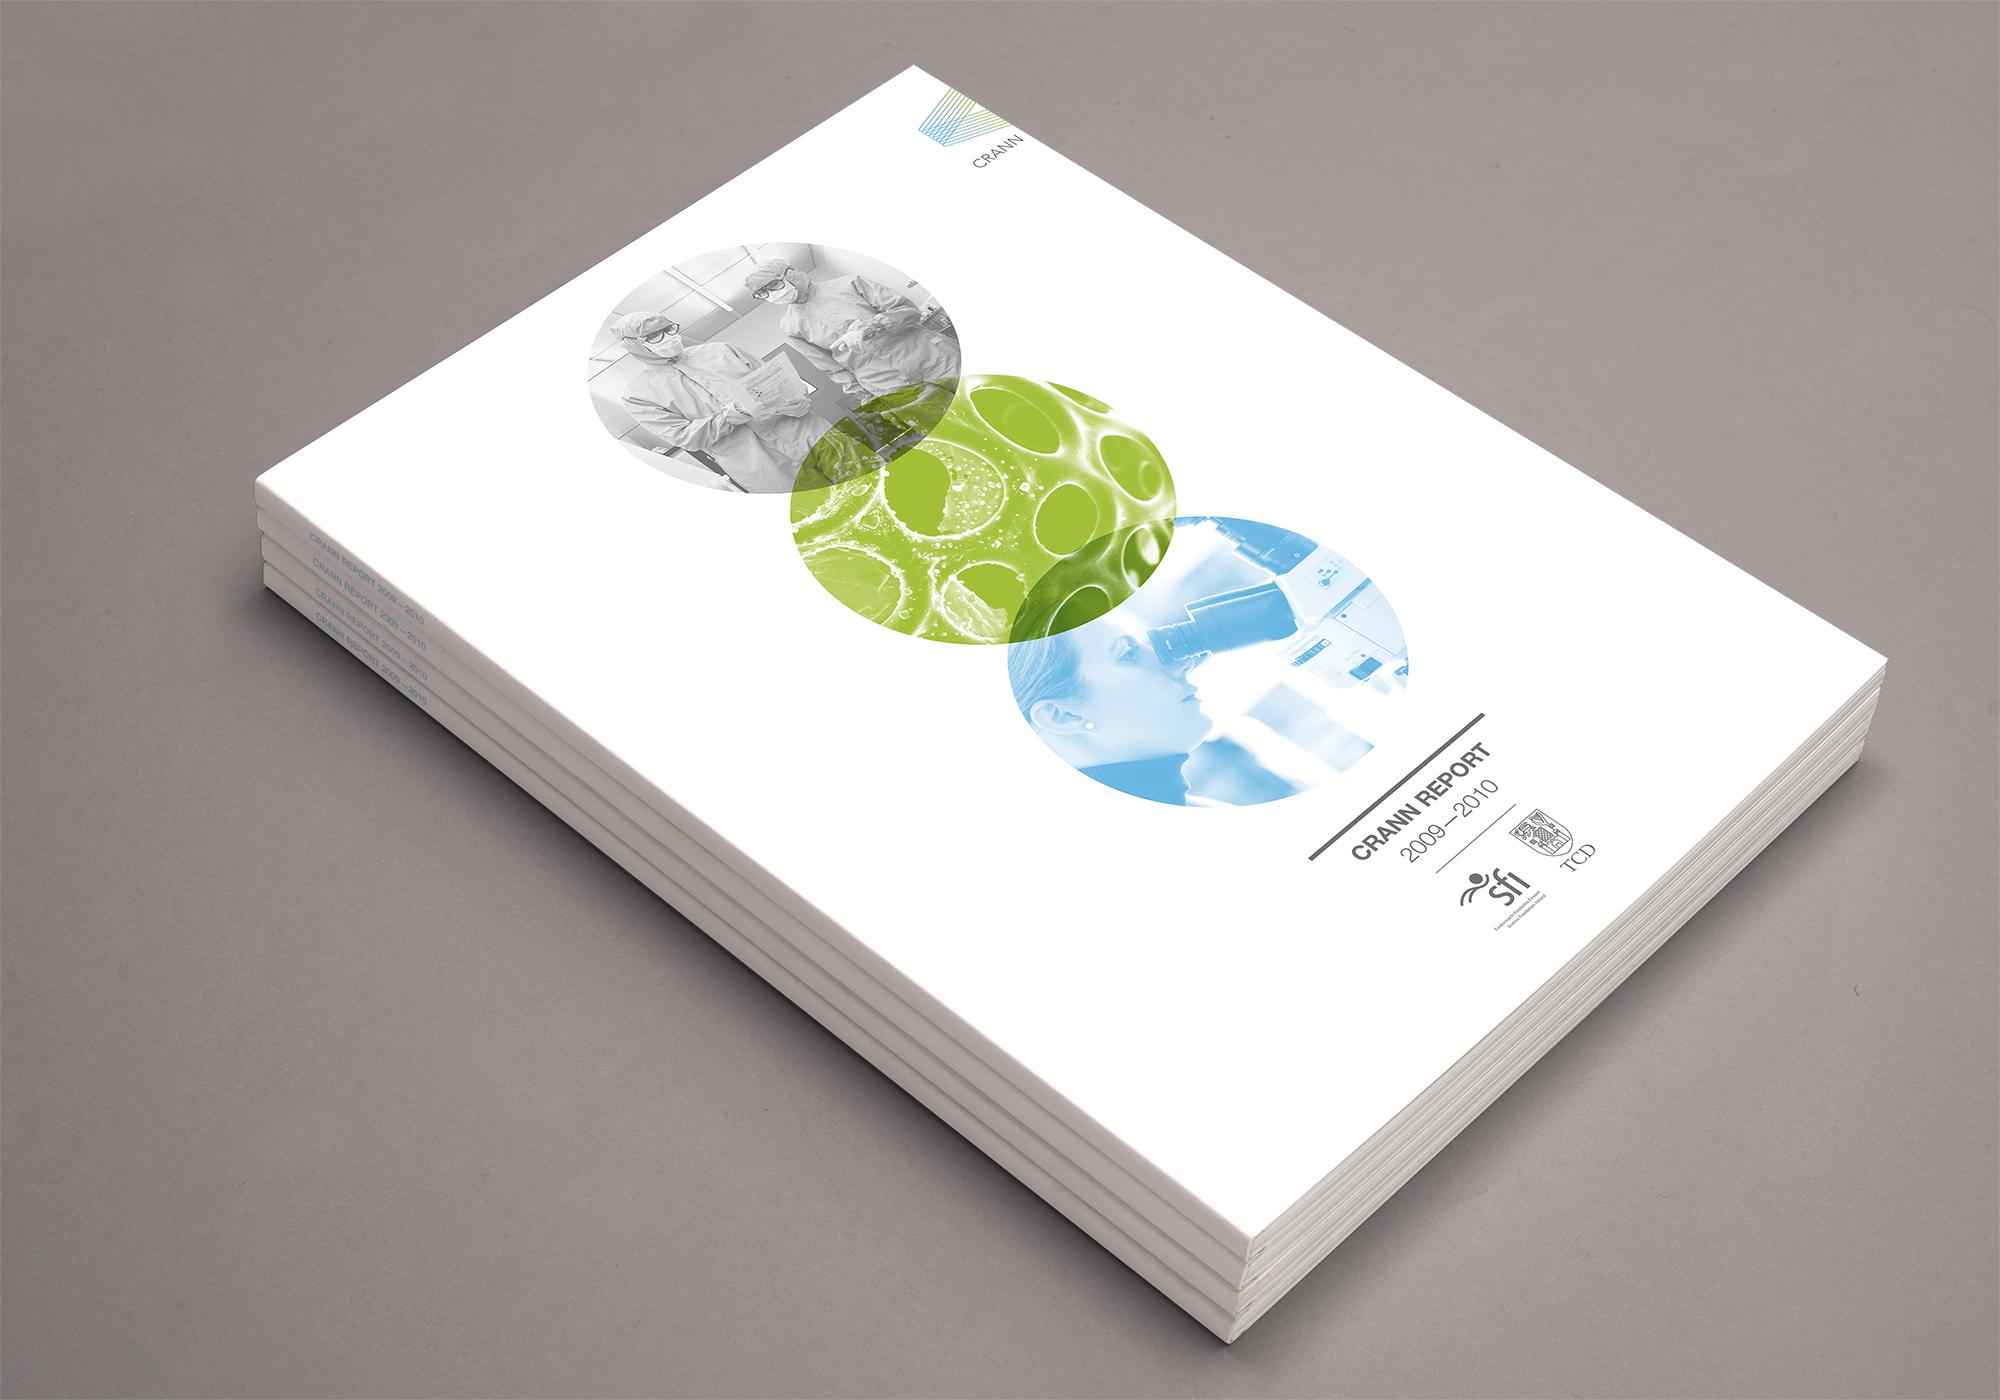 Cover image: Crann Annual Report (2011)